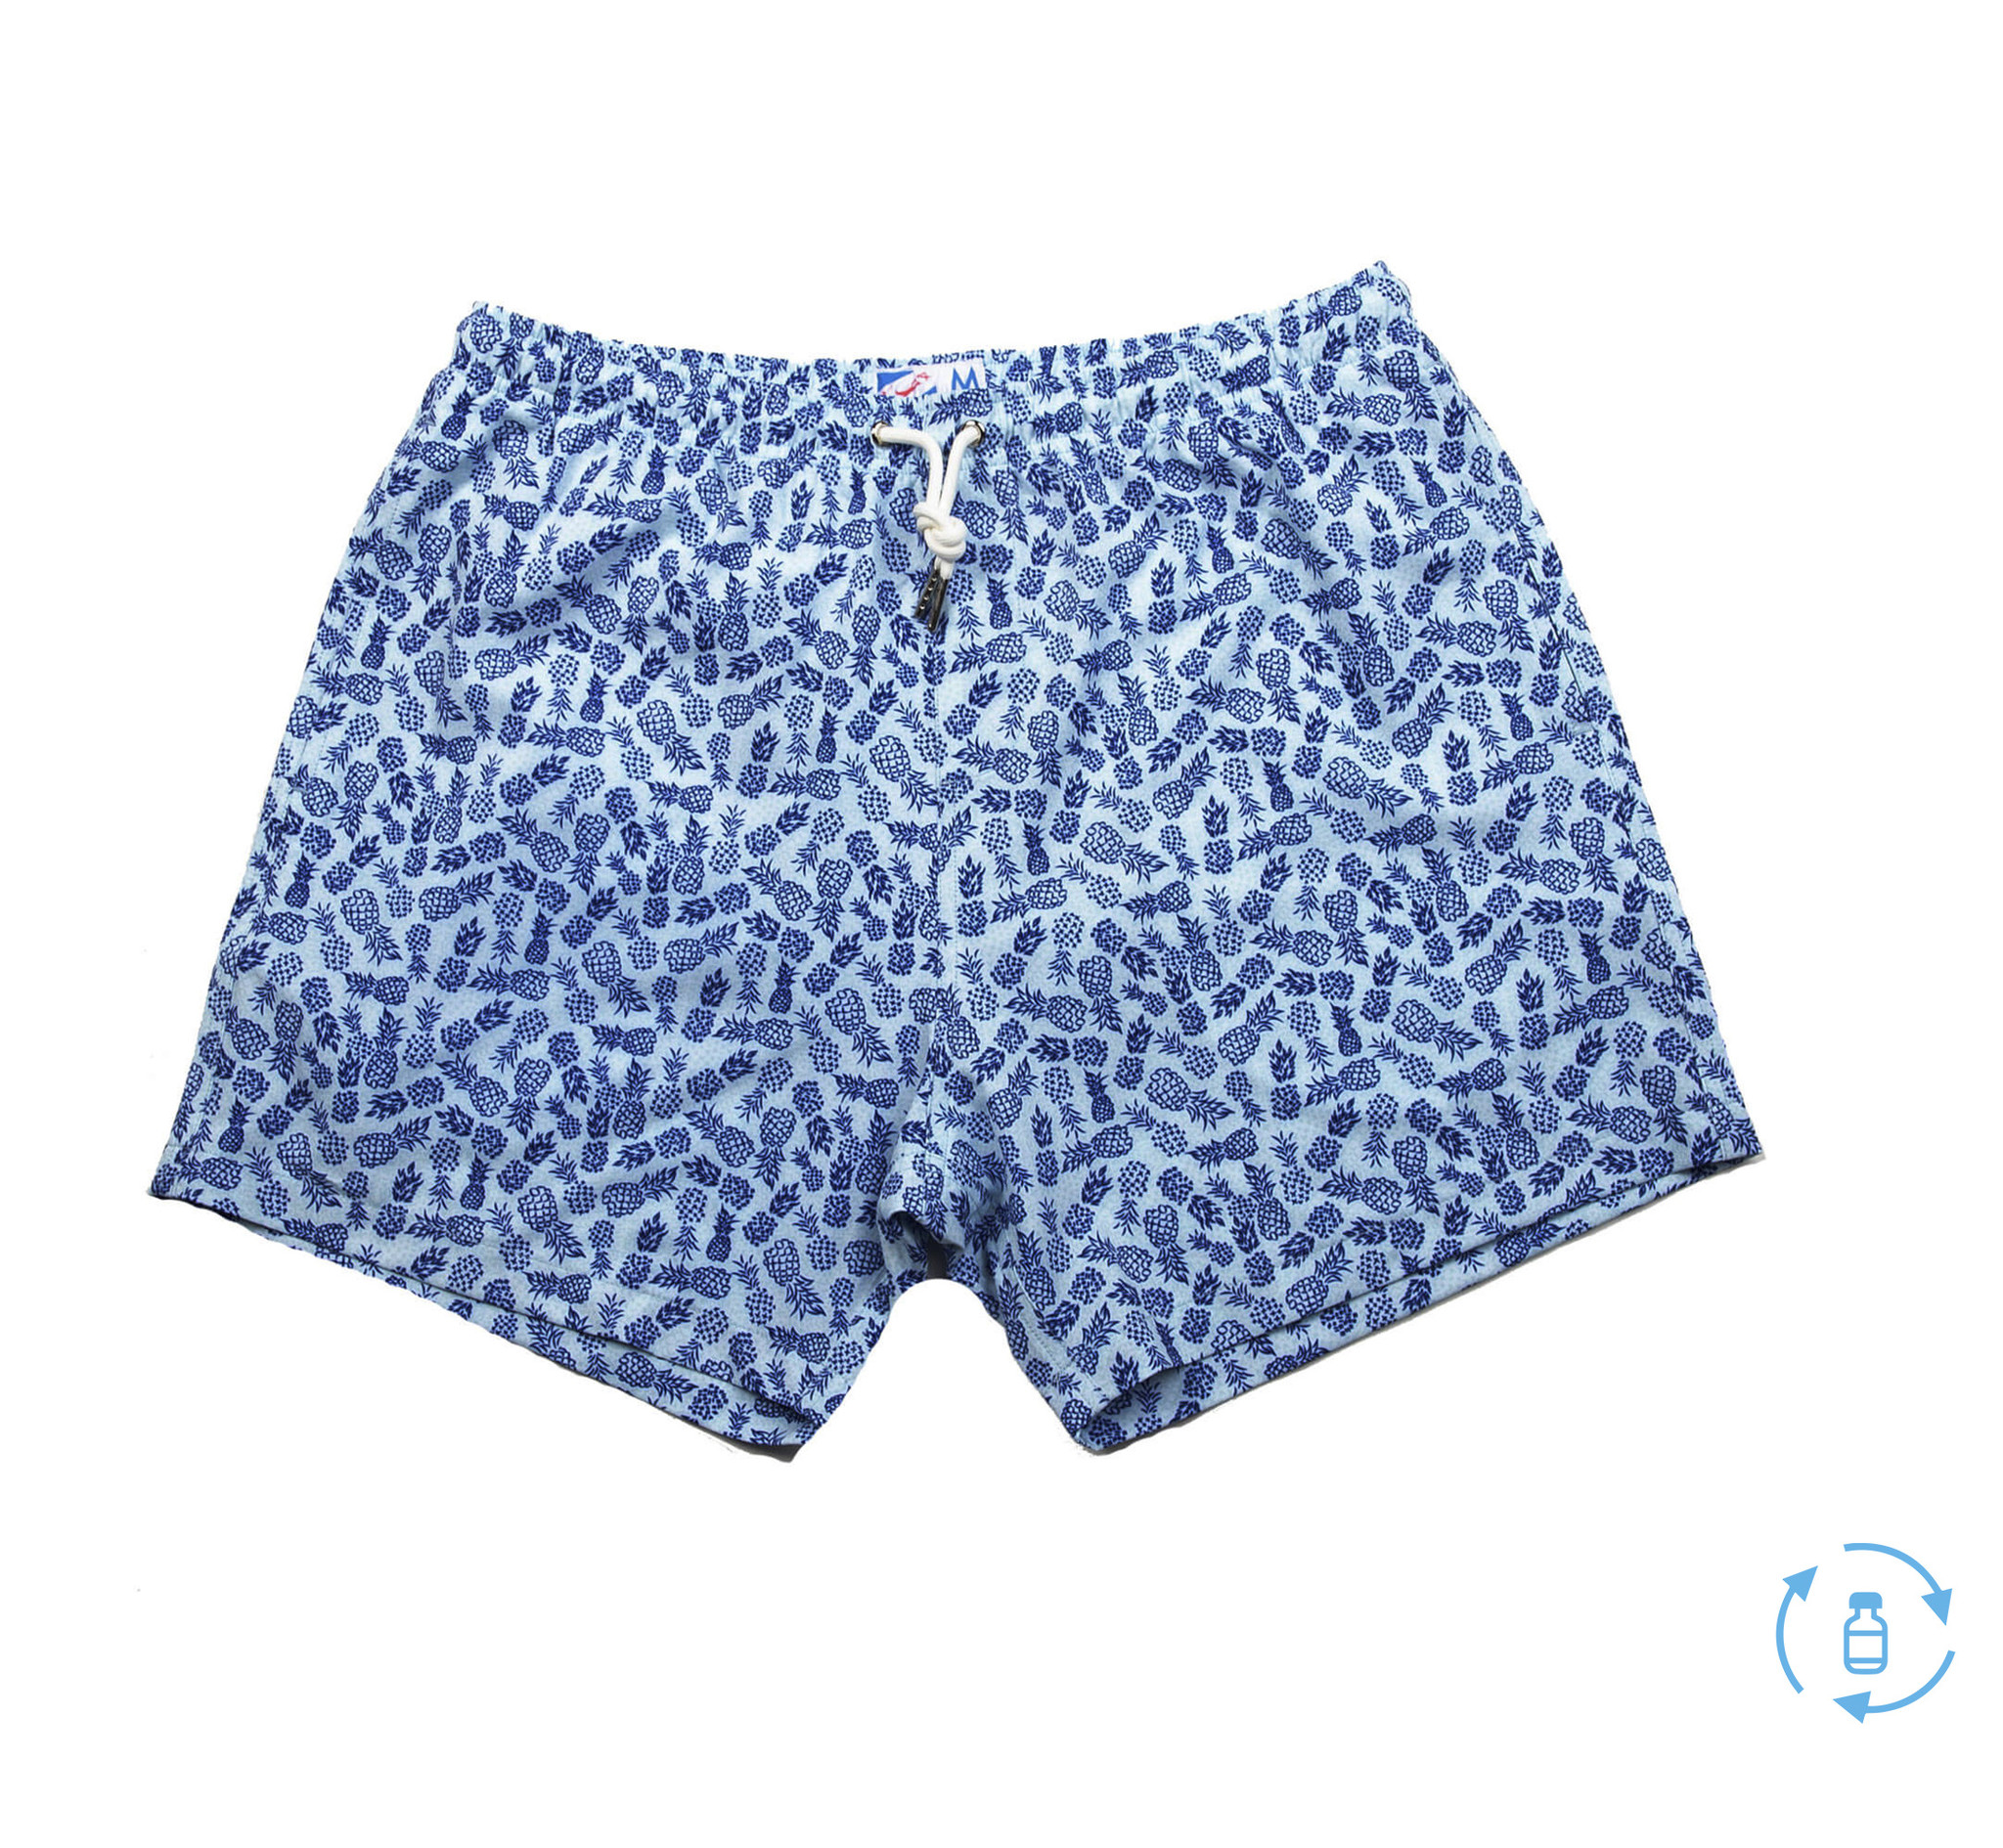 Bermies Bermies Pineapple Shorts